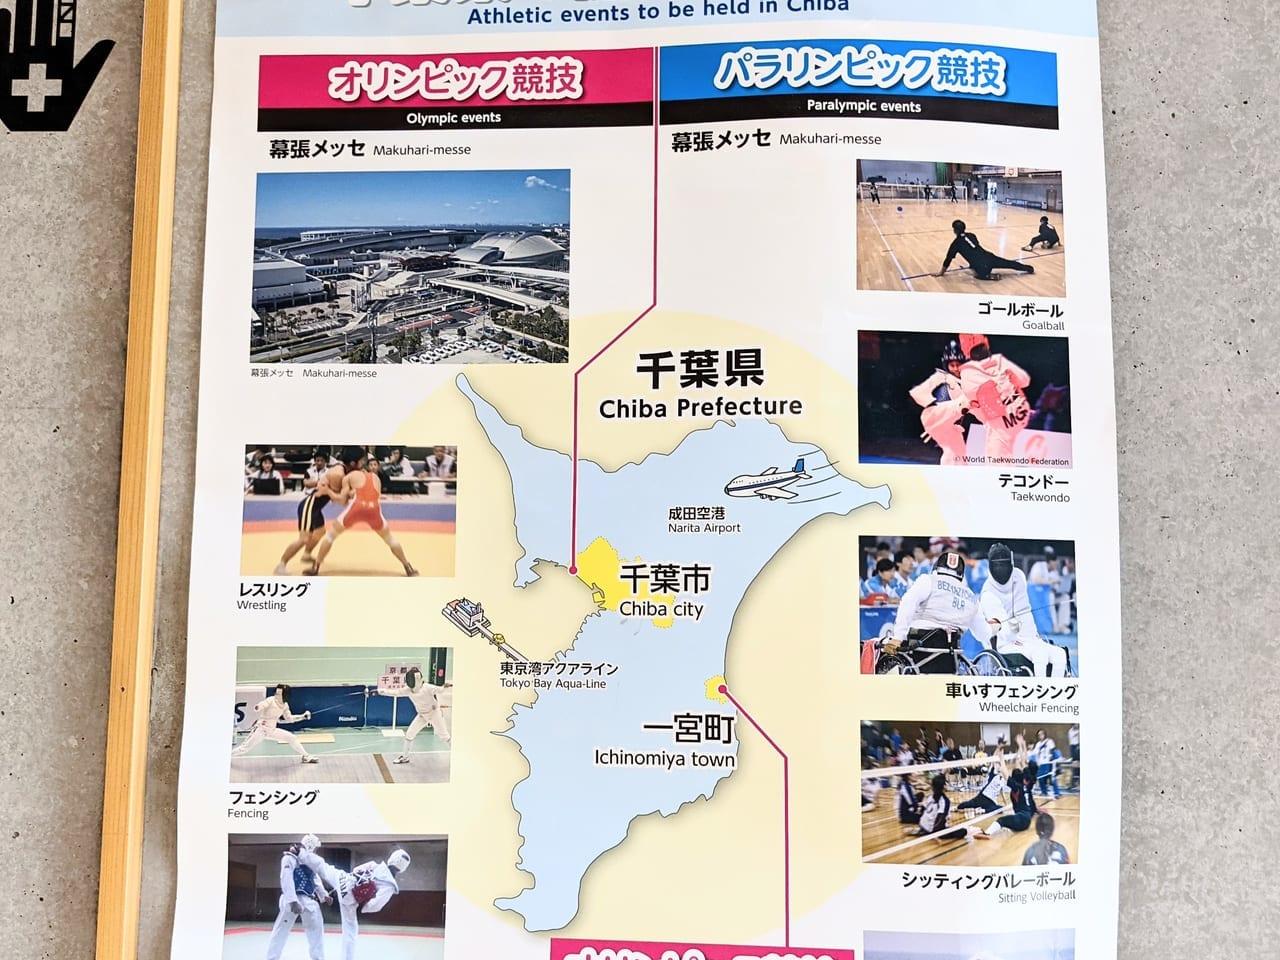 千葉県は完全無観客が決定。東京2020オリンピック・パラリンピックの8競技が千葉県内で開催されます